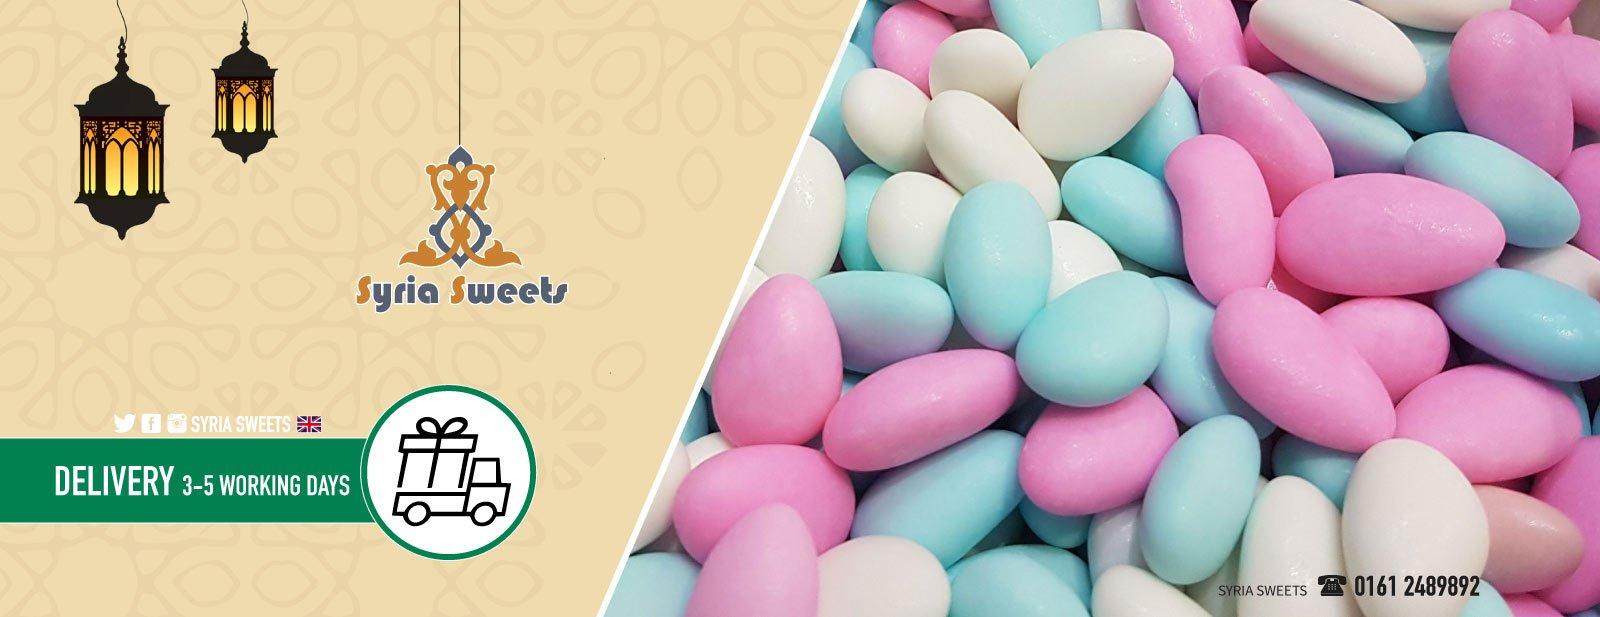 Syria-Sweet.Mlabas.coated-sweets-slider